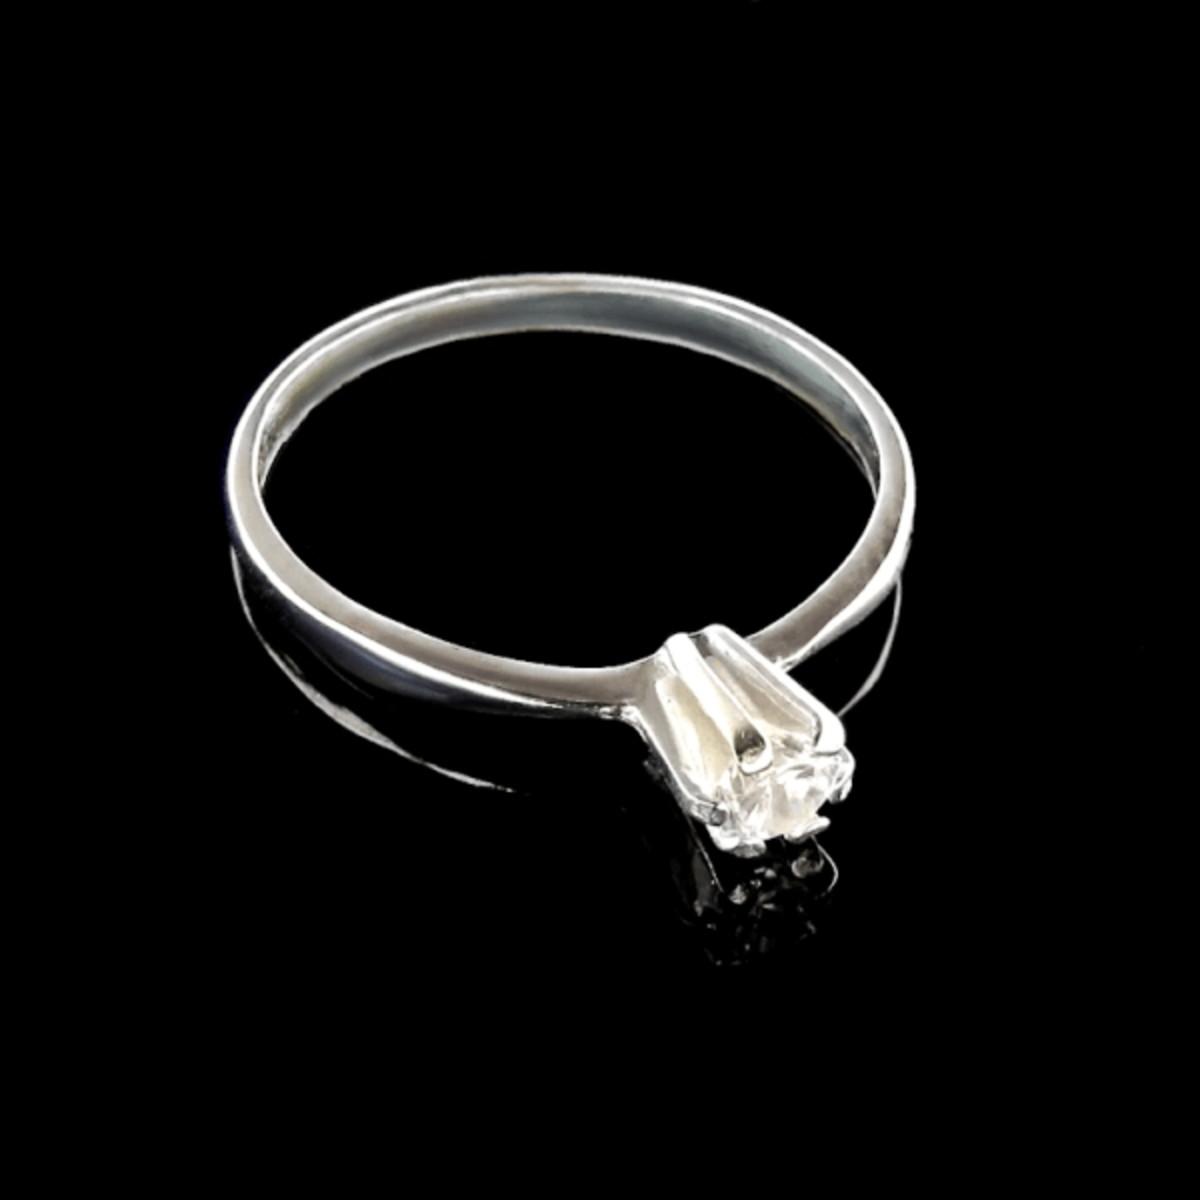 00bdf35f763f5 Anel Solitario de Ouro Branco 18k com Diamante no Elo7   LSR Joias ...